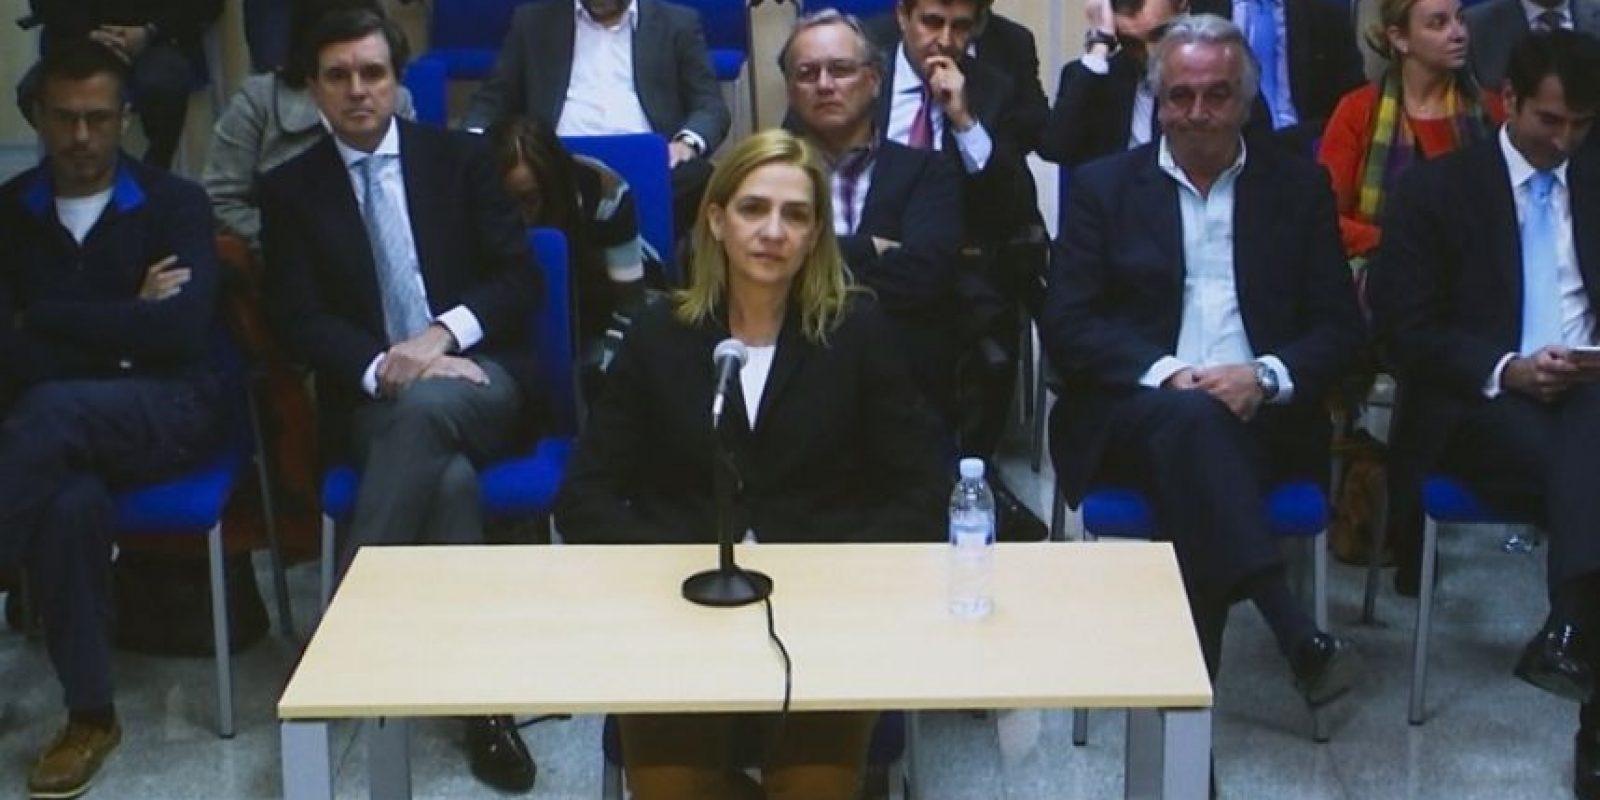 Se le relacionó a Cristina de Borbón, hermana de Felipe VI, por ser propietaria de la empresa Aizoon, que fue utilizada para desviar los fondos obtenidos ilícitamente. Foto:AFP